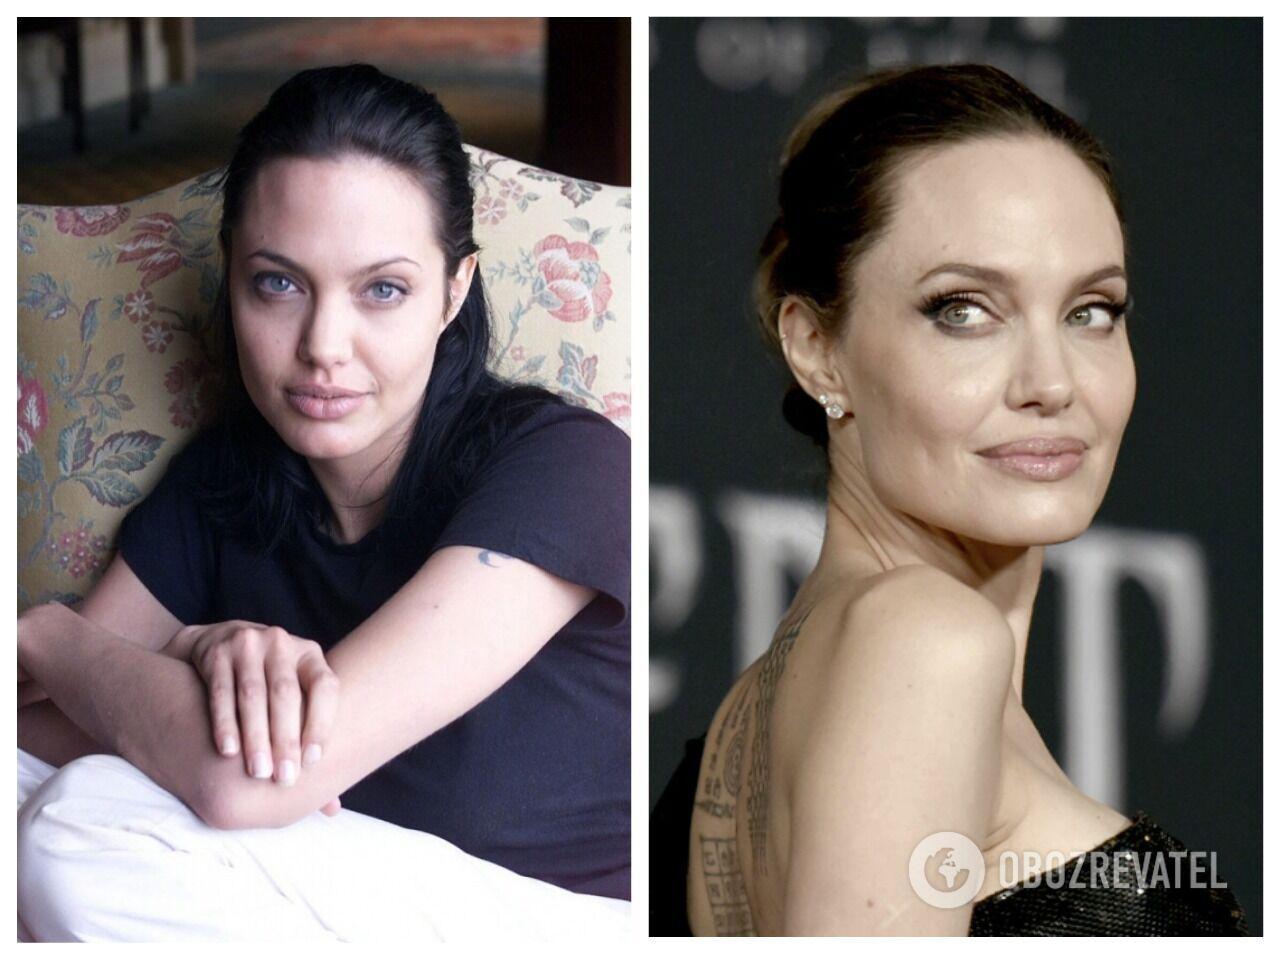 Слева – 2000 год, Анджелине тогда было 25 лет